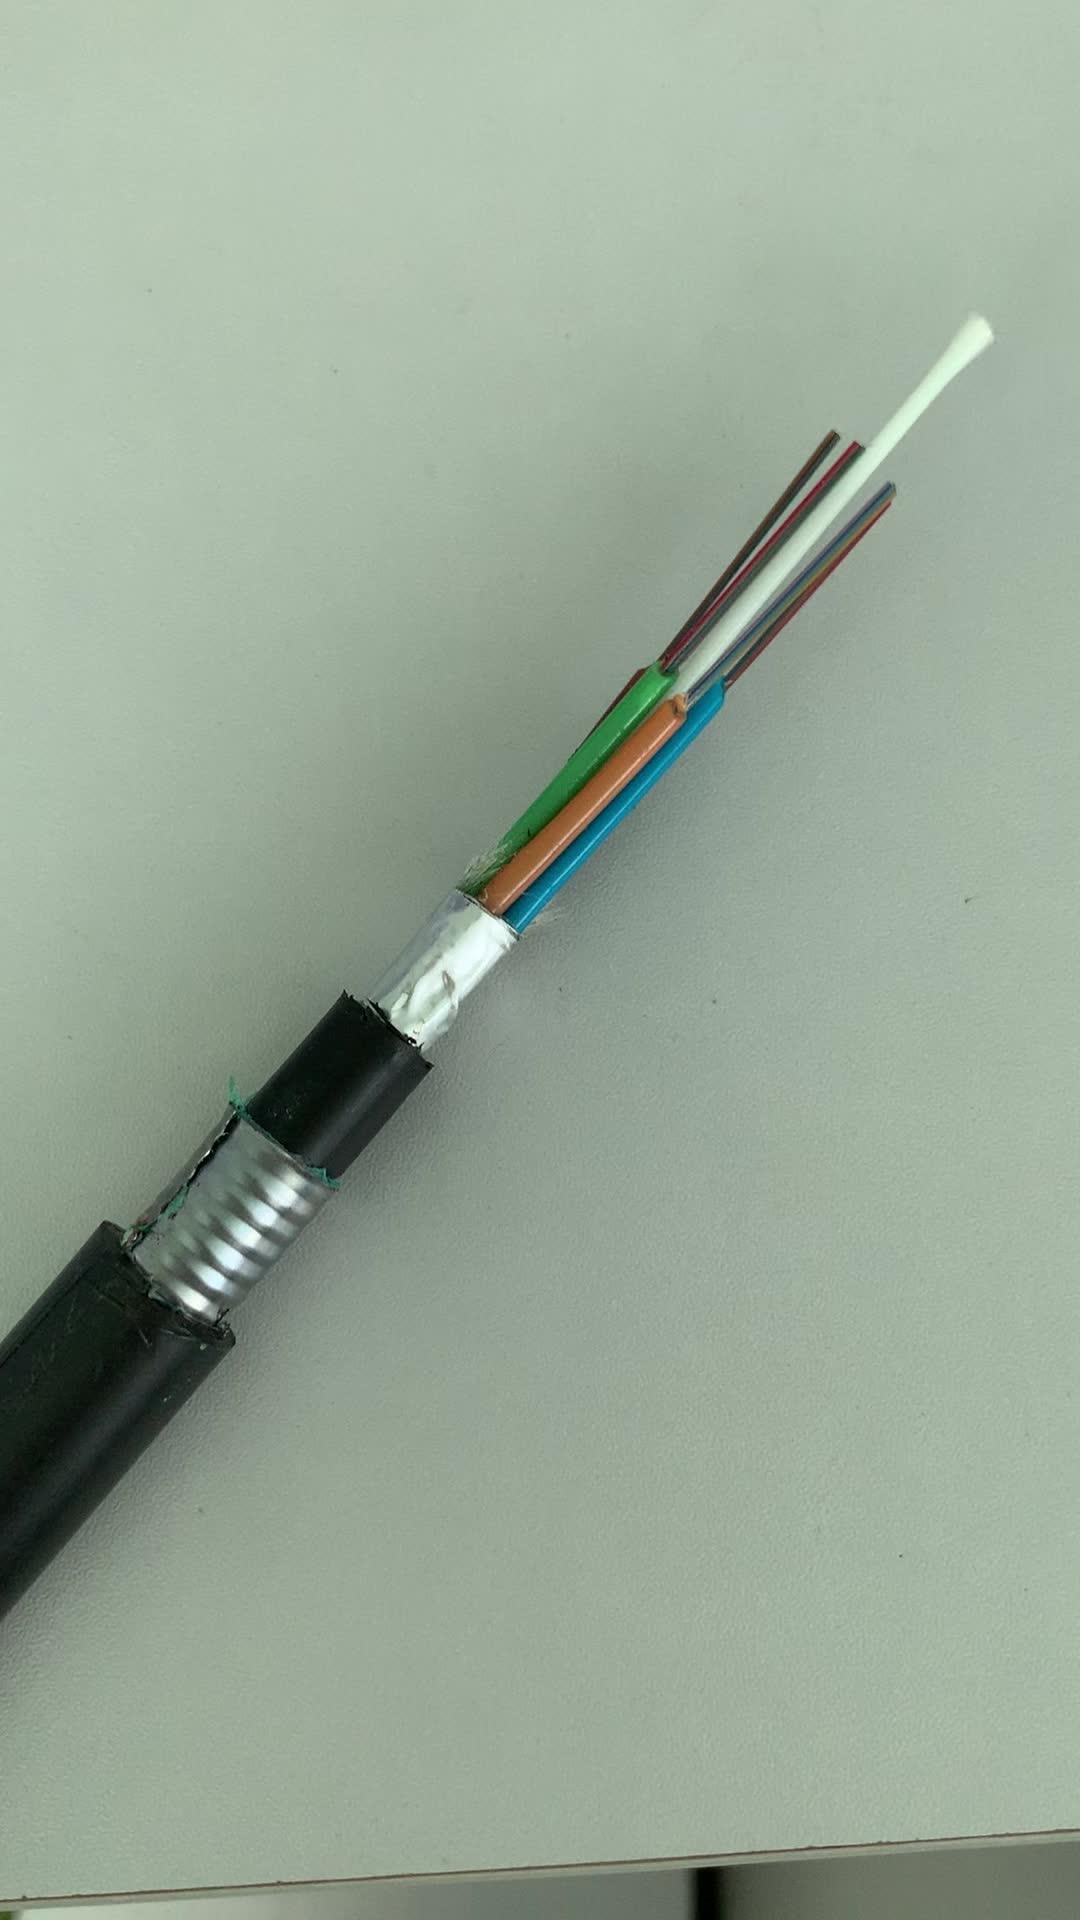 Custom GYFTS53/GYFTA53 Outdoor G.652.D Outdoor OFC GYFTS/GYFTA G.652.D Stranded Loose Multi-Tube Fibre Optical Cable